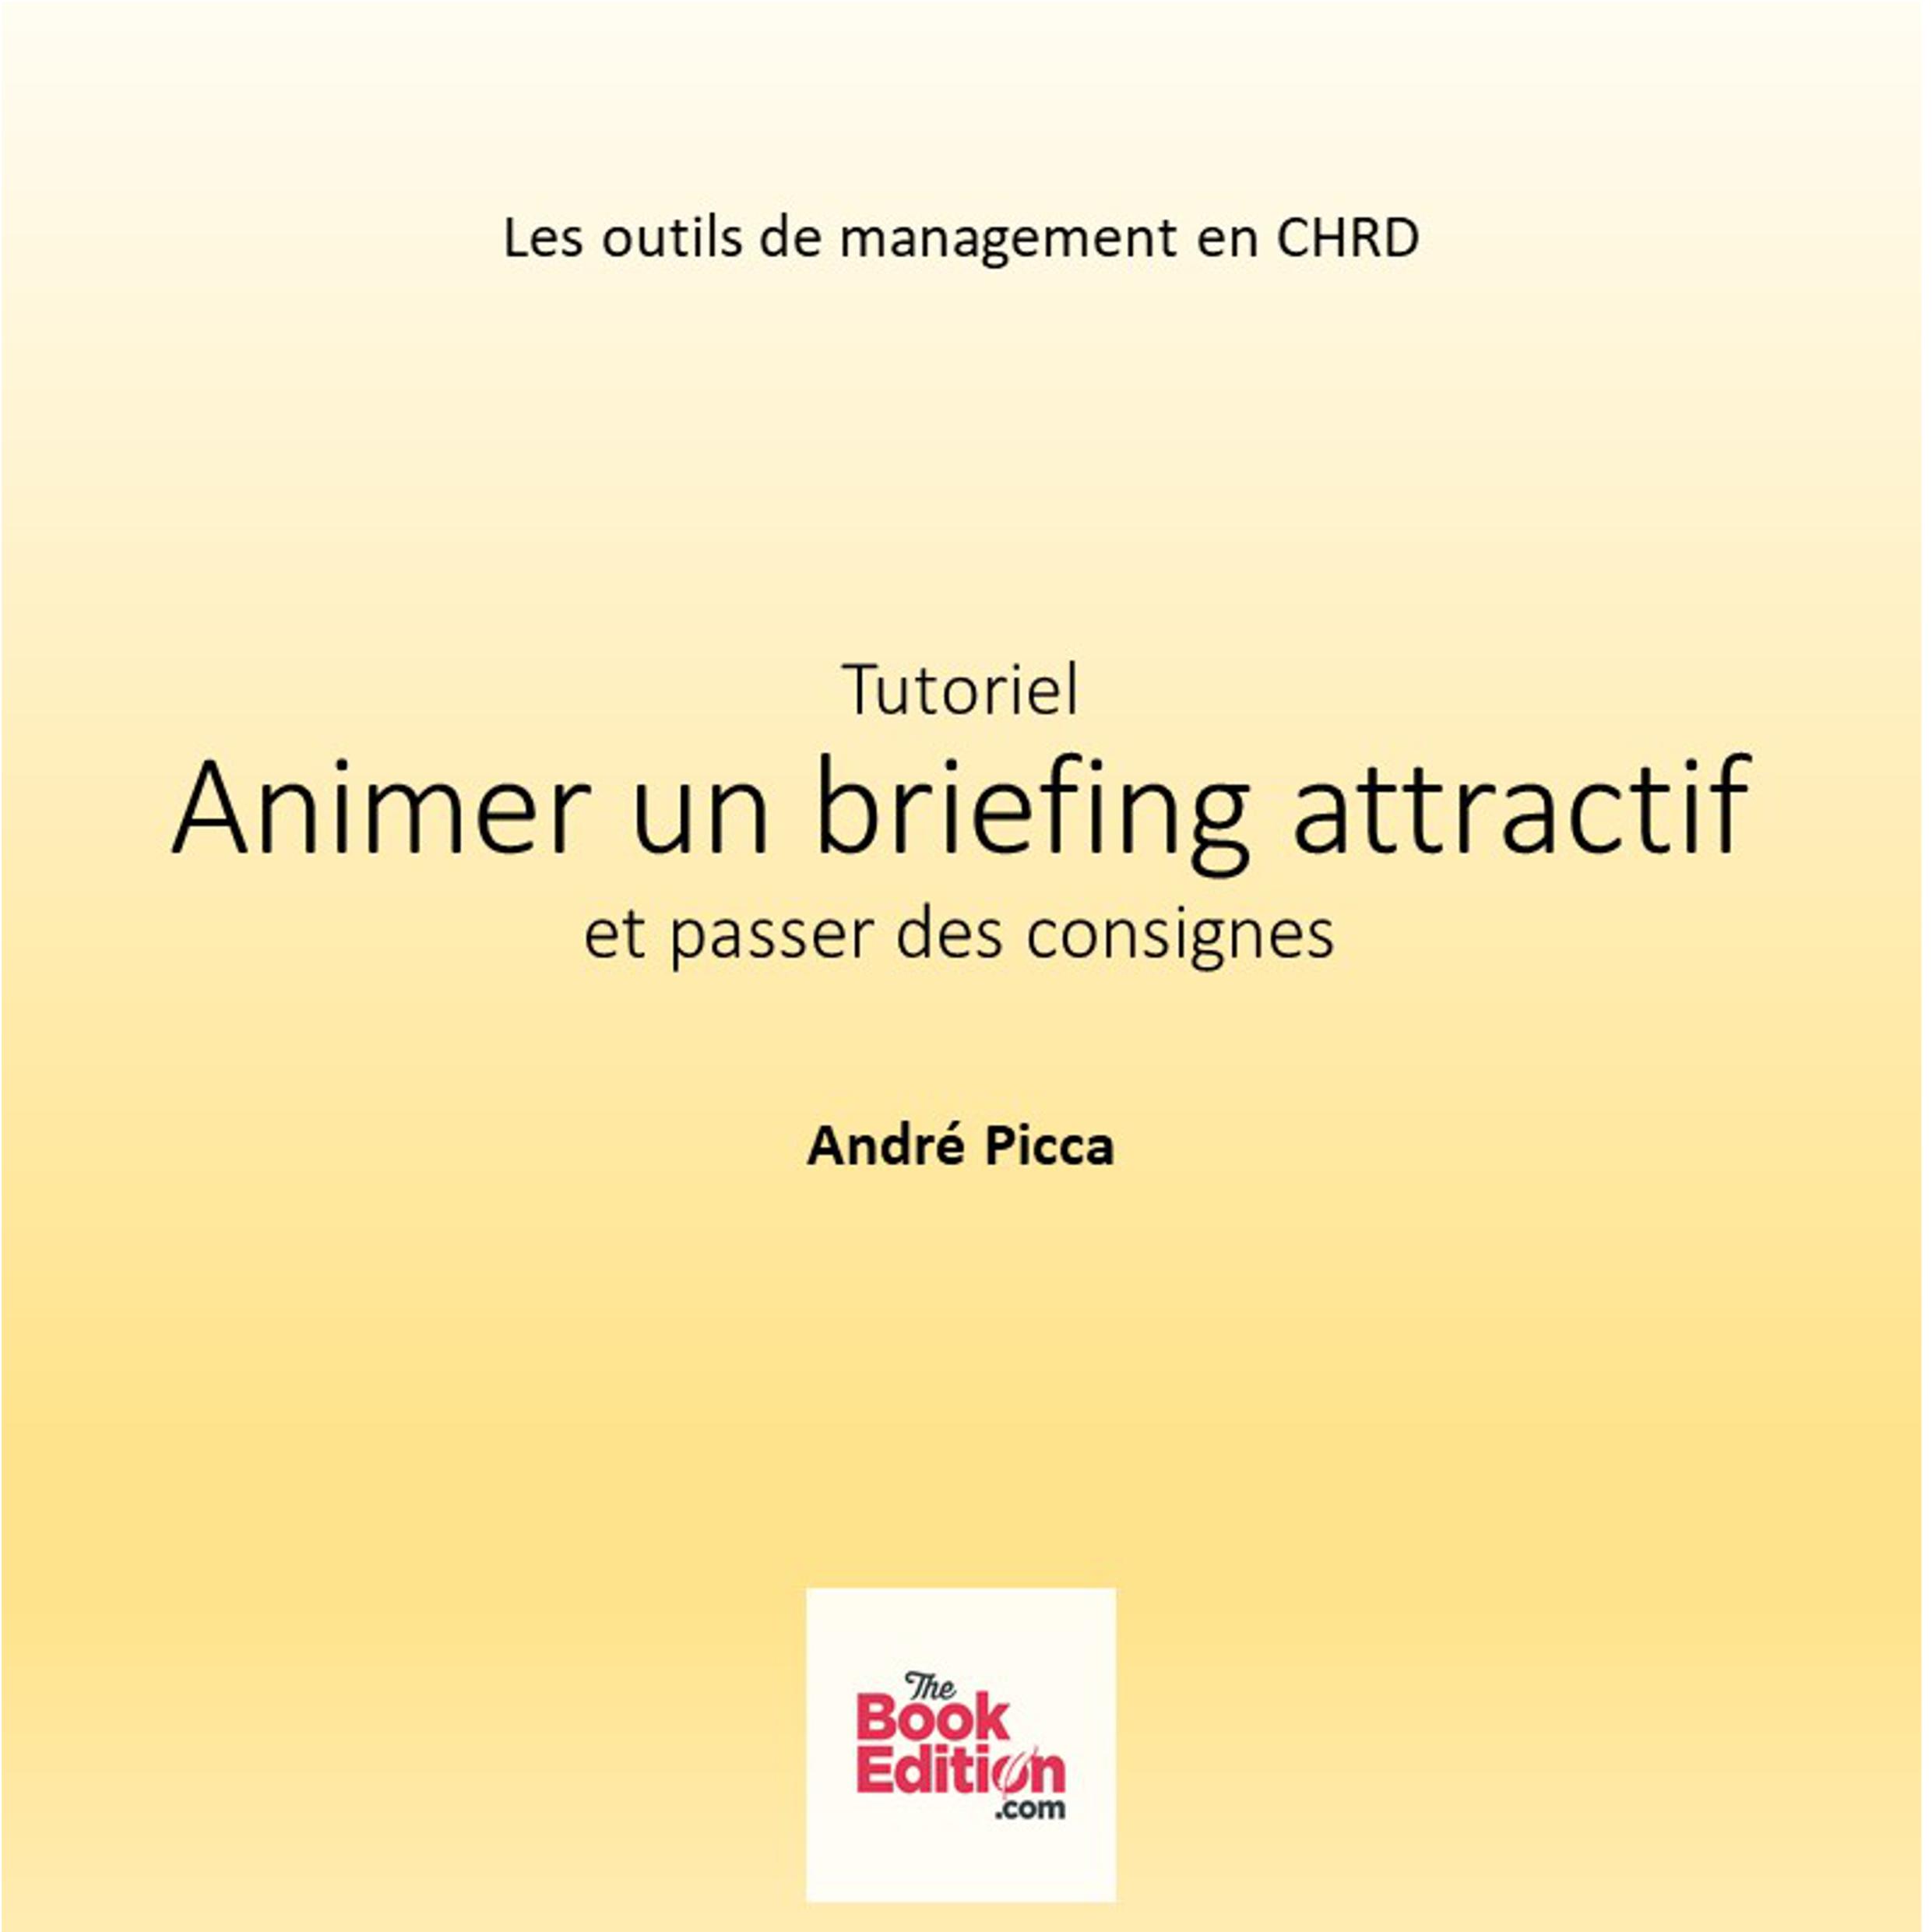 Animer un briefing attractif